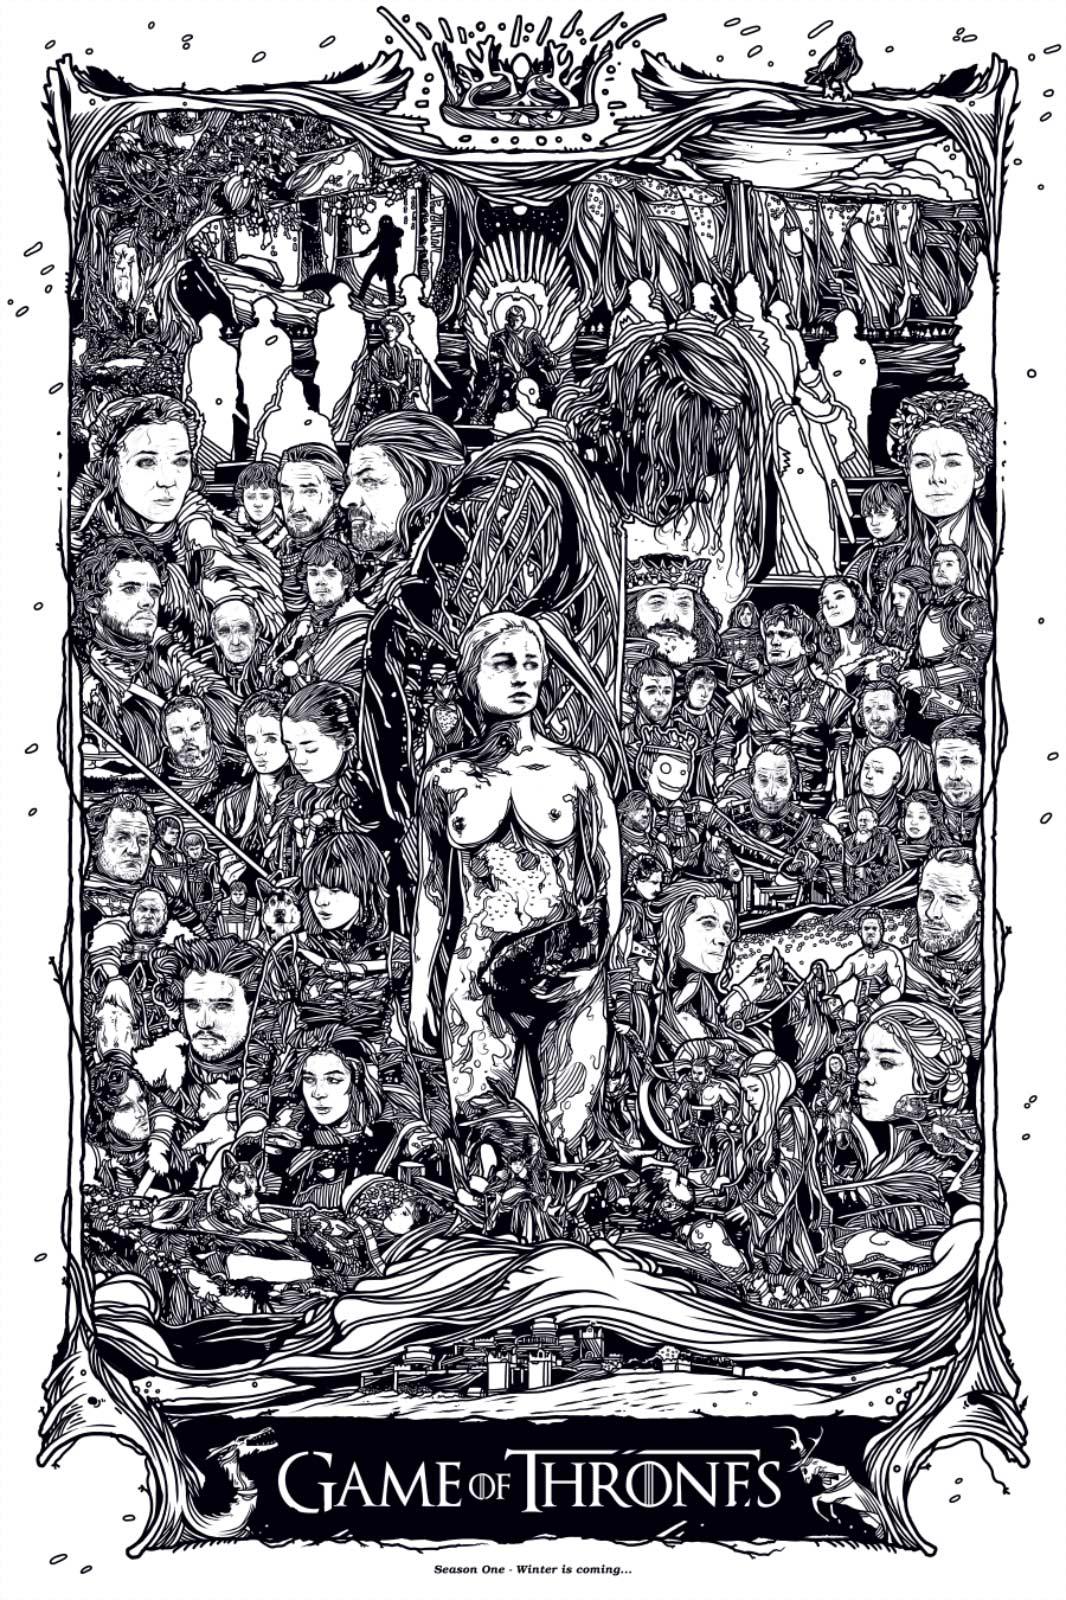 Neue Illustrationen von Conrado Salinas Conrado-Salinas-2_07